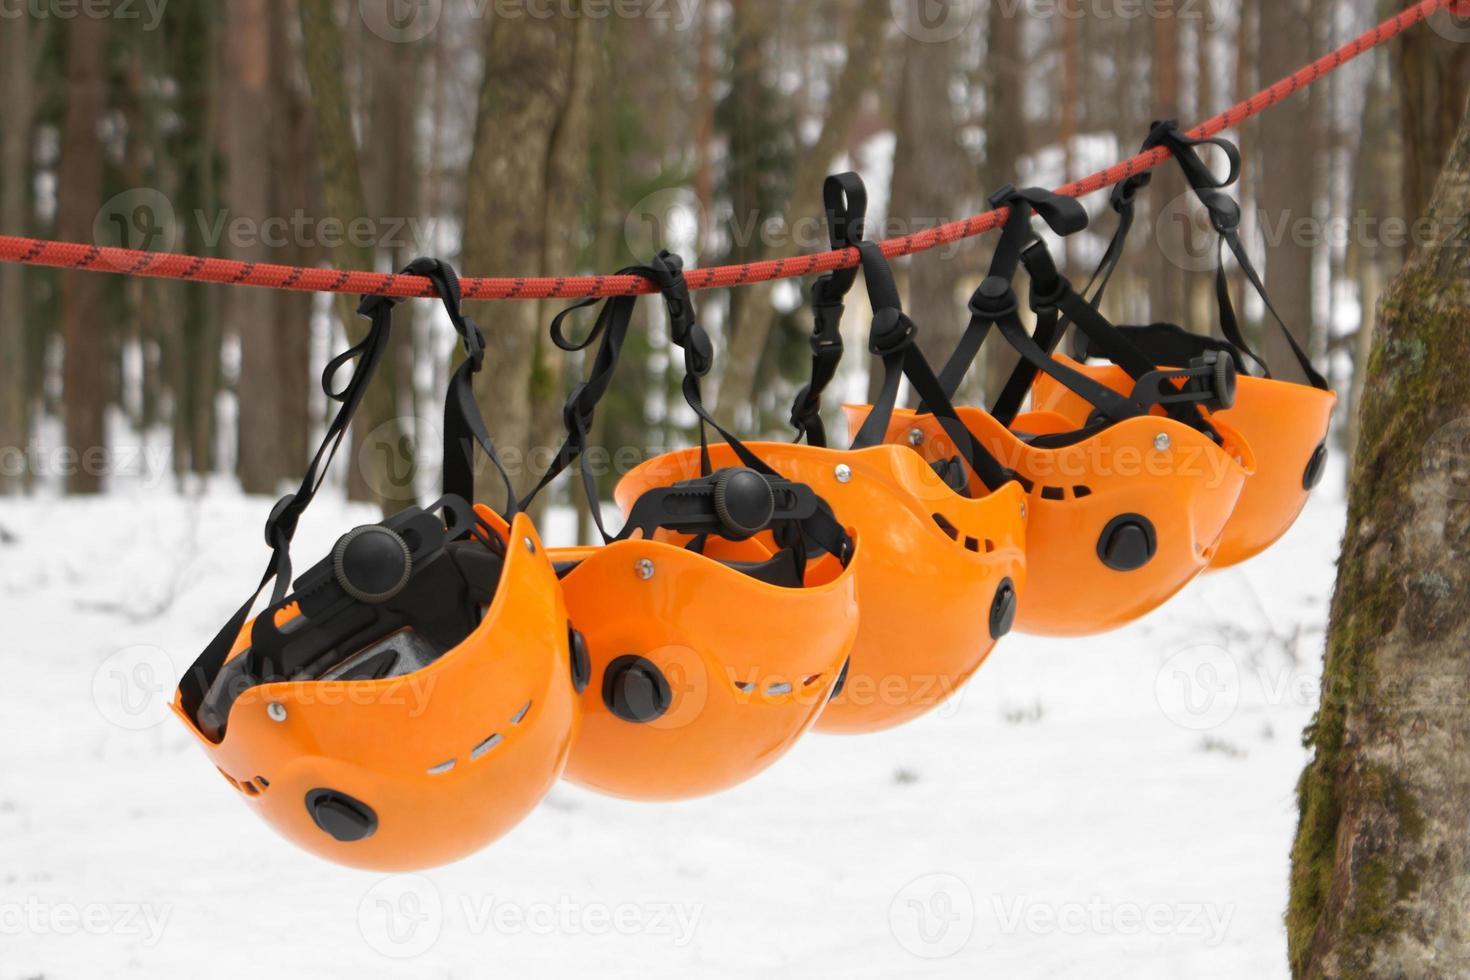 die orangefarbenen Helme foto